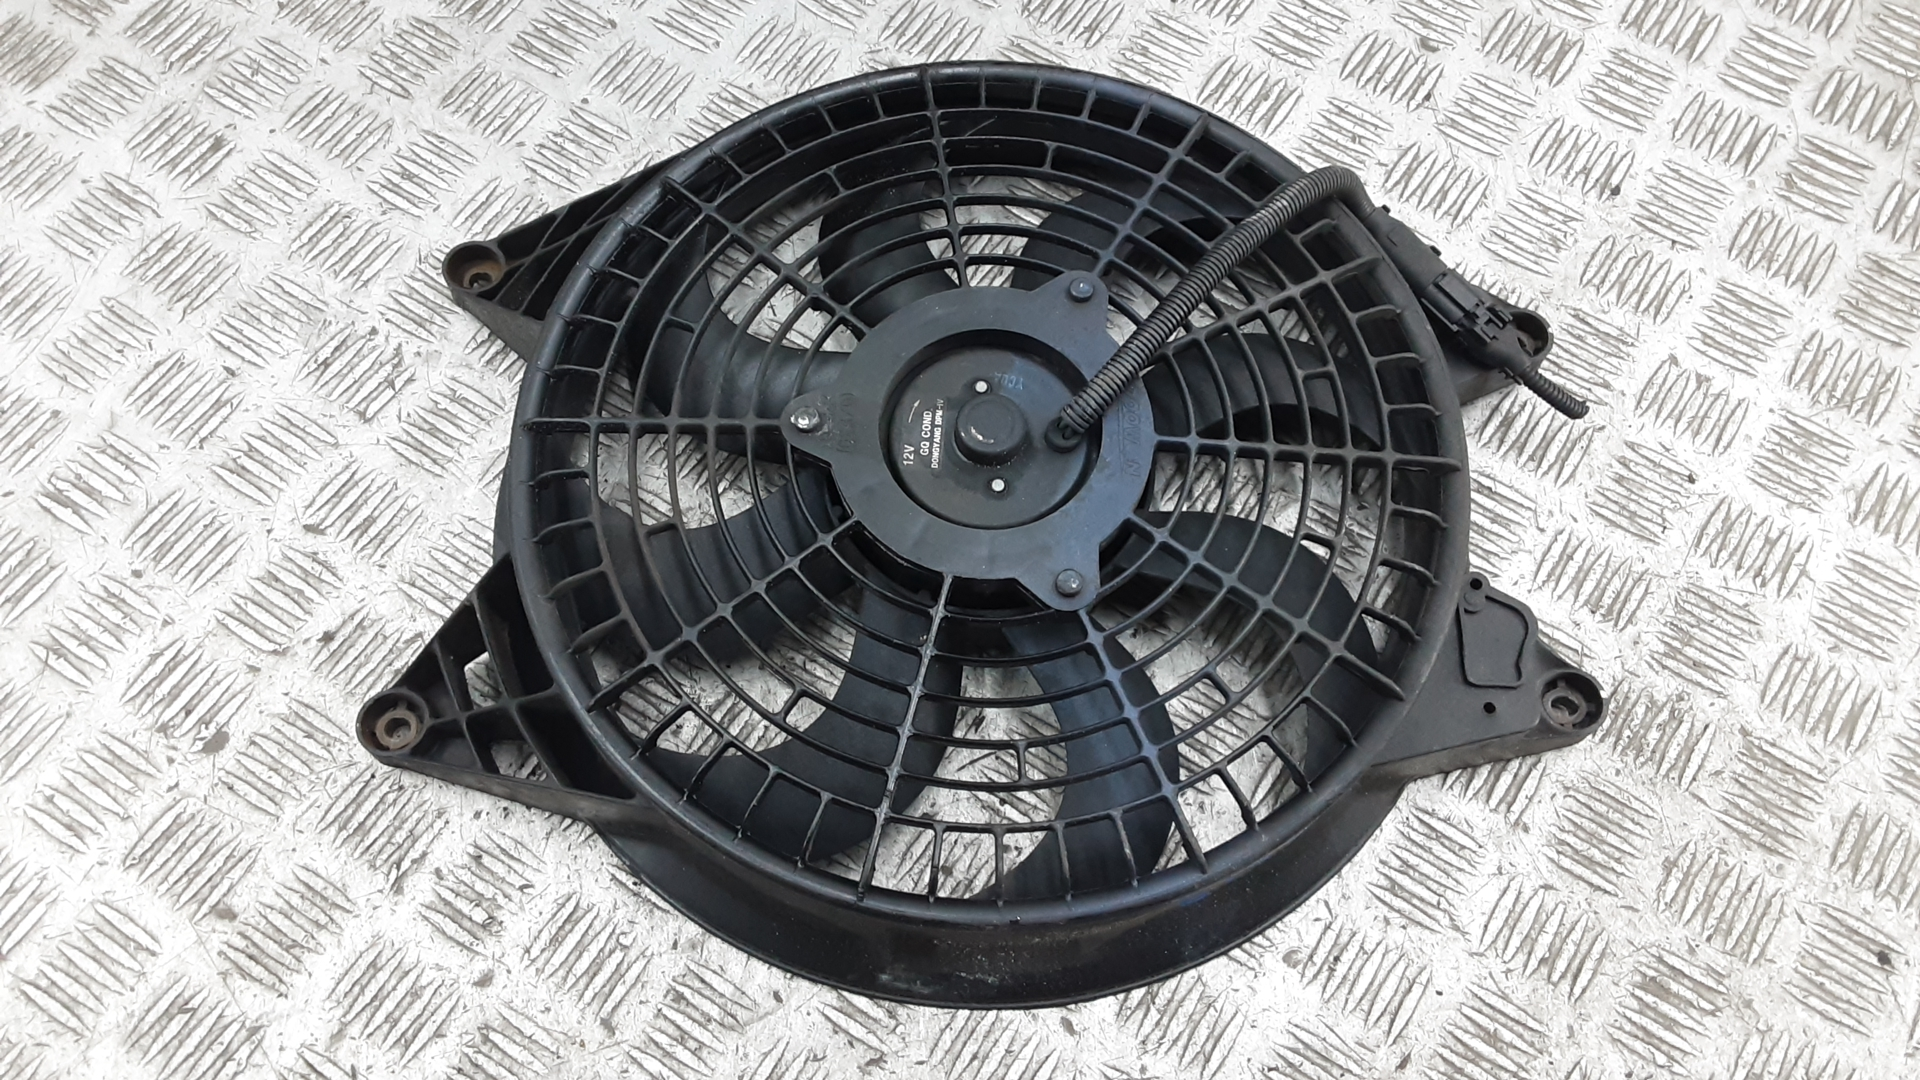 Вентилятор радиатора, KIA, CARNIVAL 1, 2004